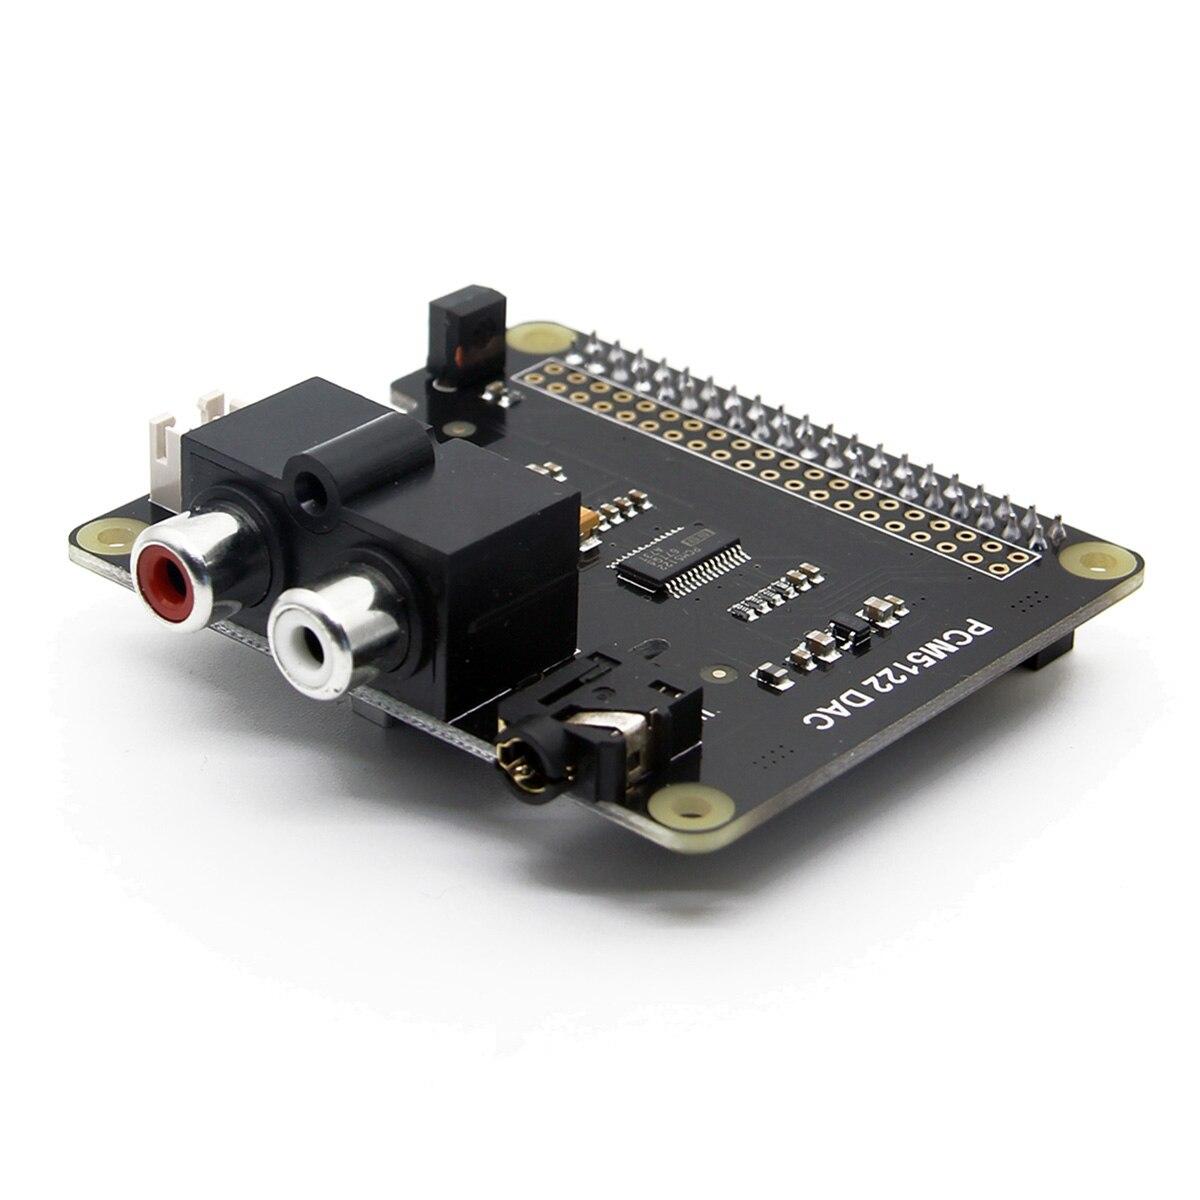 LEORY PCM5122 HI-FI DAC Board DIY Expansion Board X920 For Raspberry Pi 3 Model B / 2B / B+ / A+ / Zero W With 4Pcs Screw